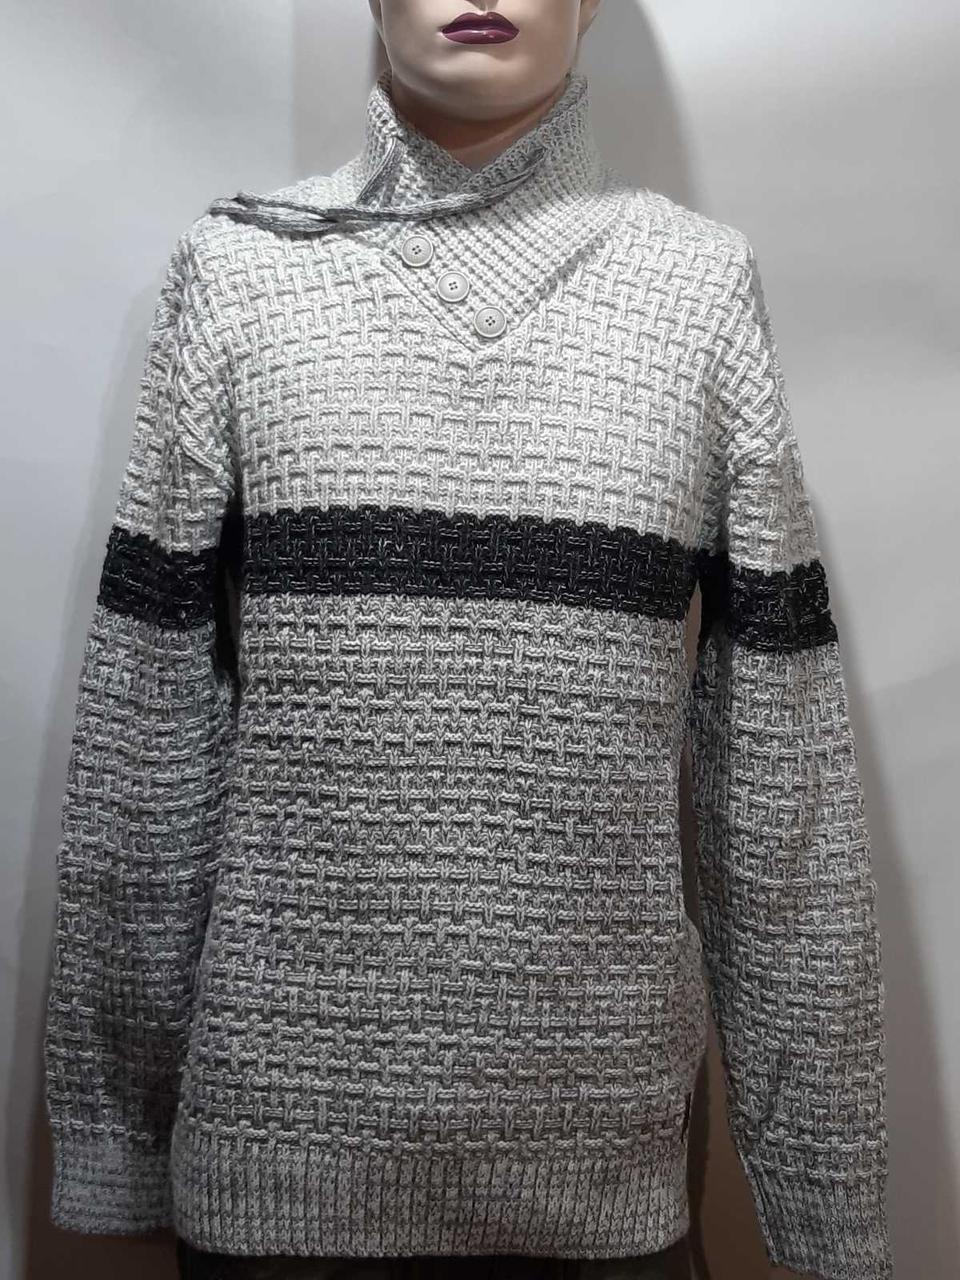 Шерстяной мужской свитер с модным воротником на шнурке Турция Светло-серый (большие размеры)